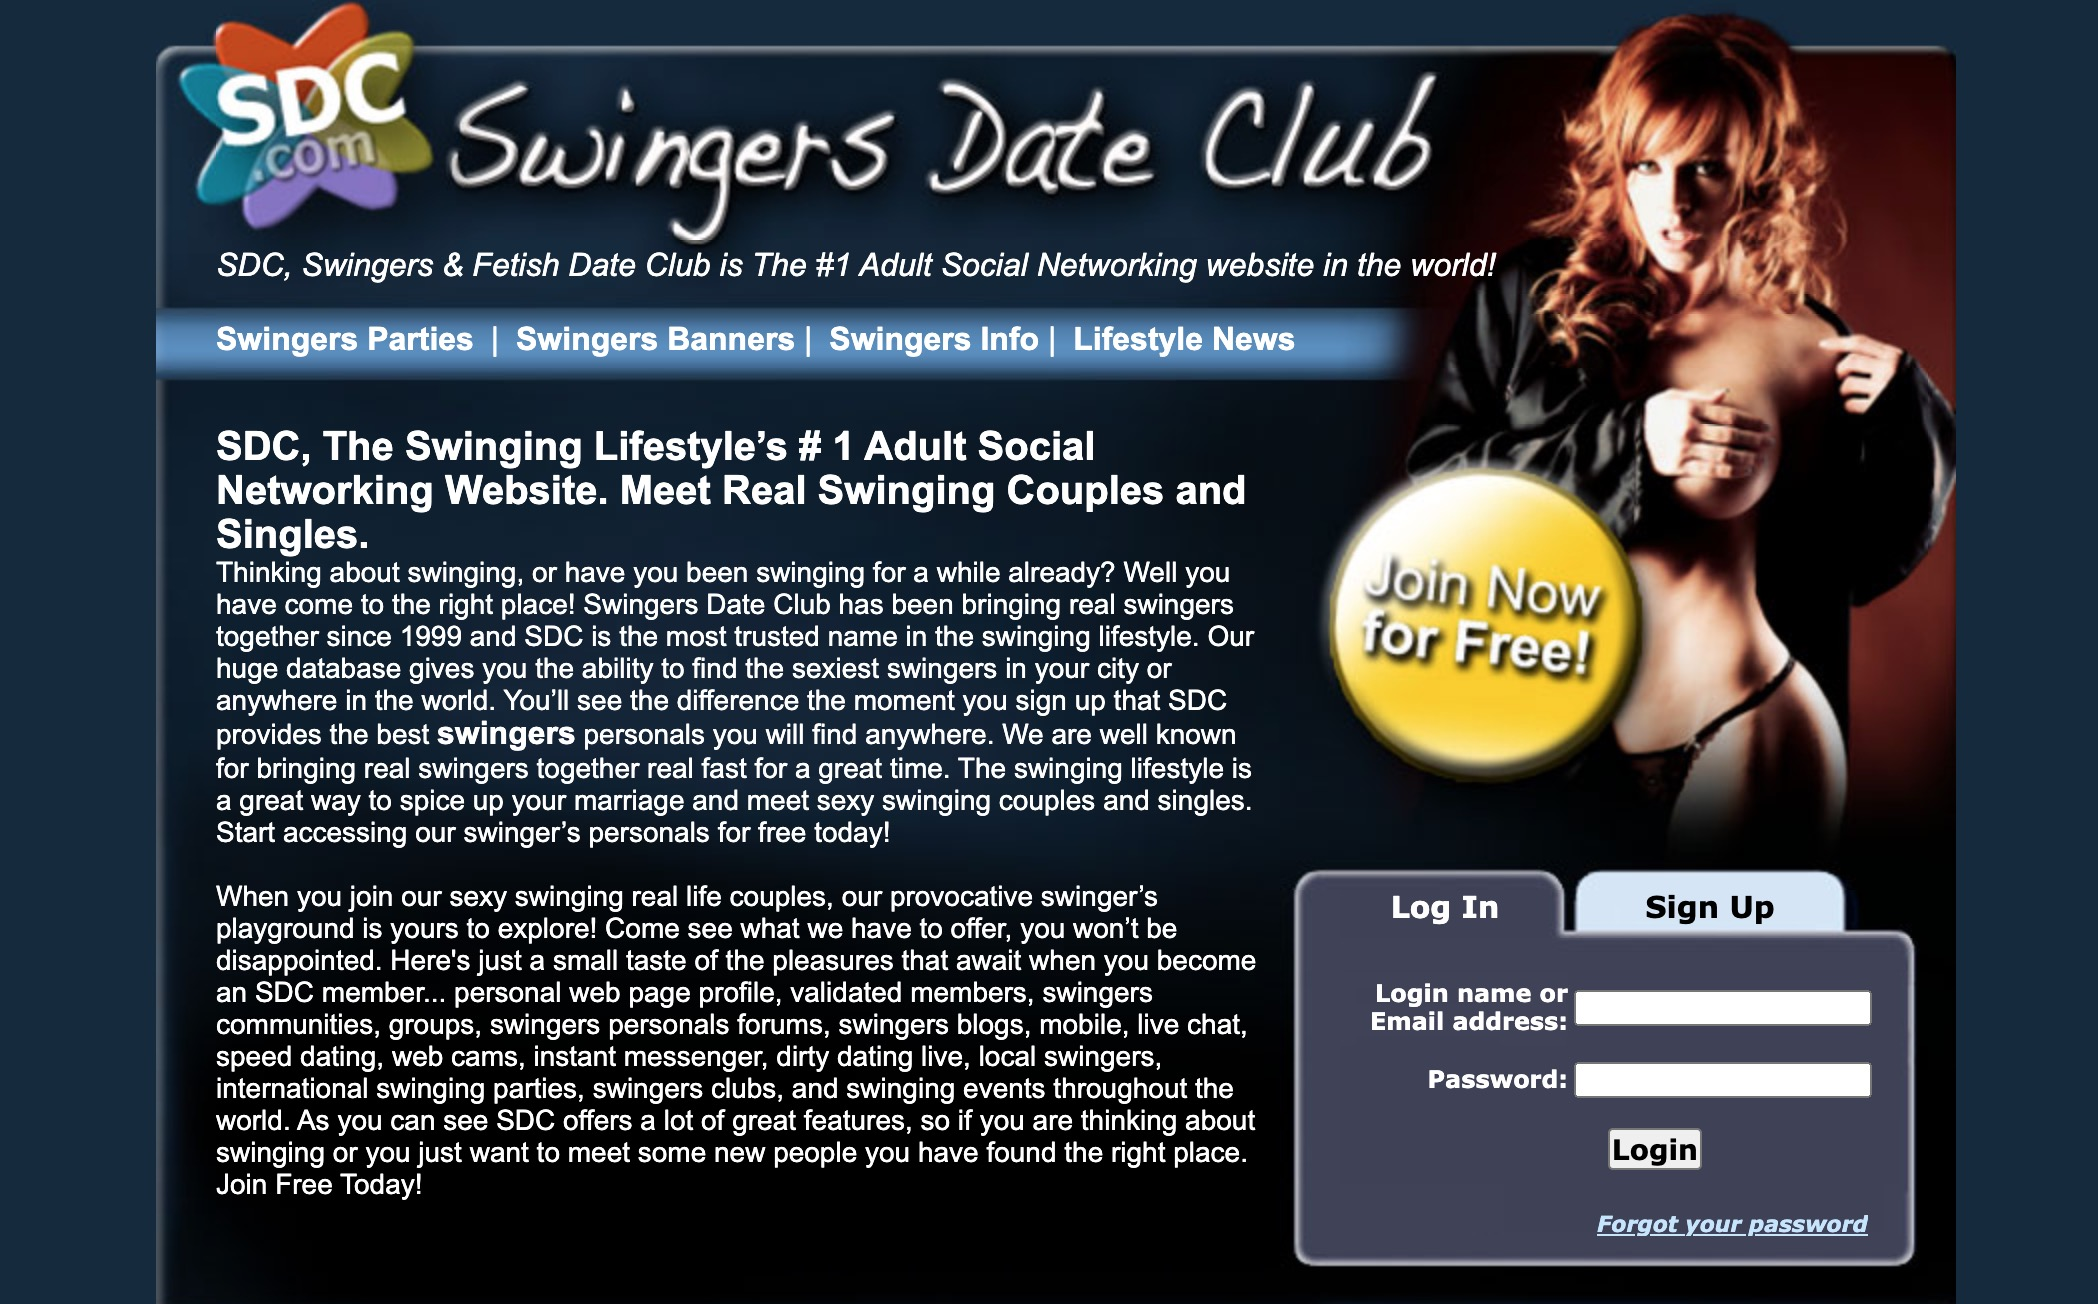 SwingersDateClub main page